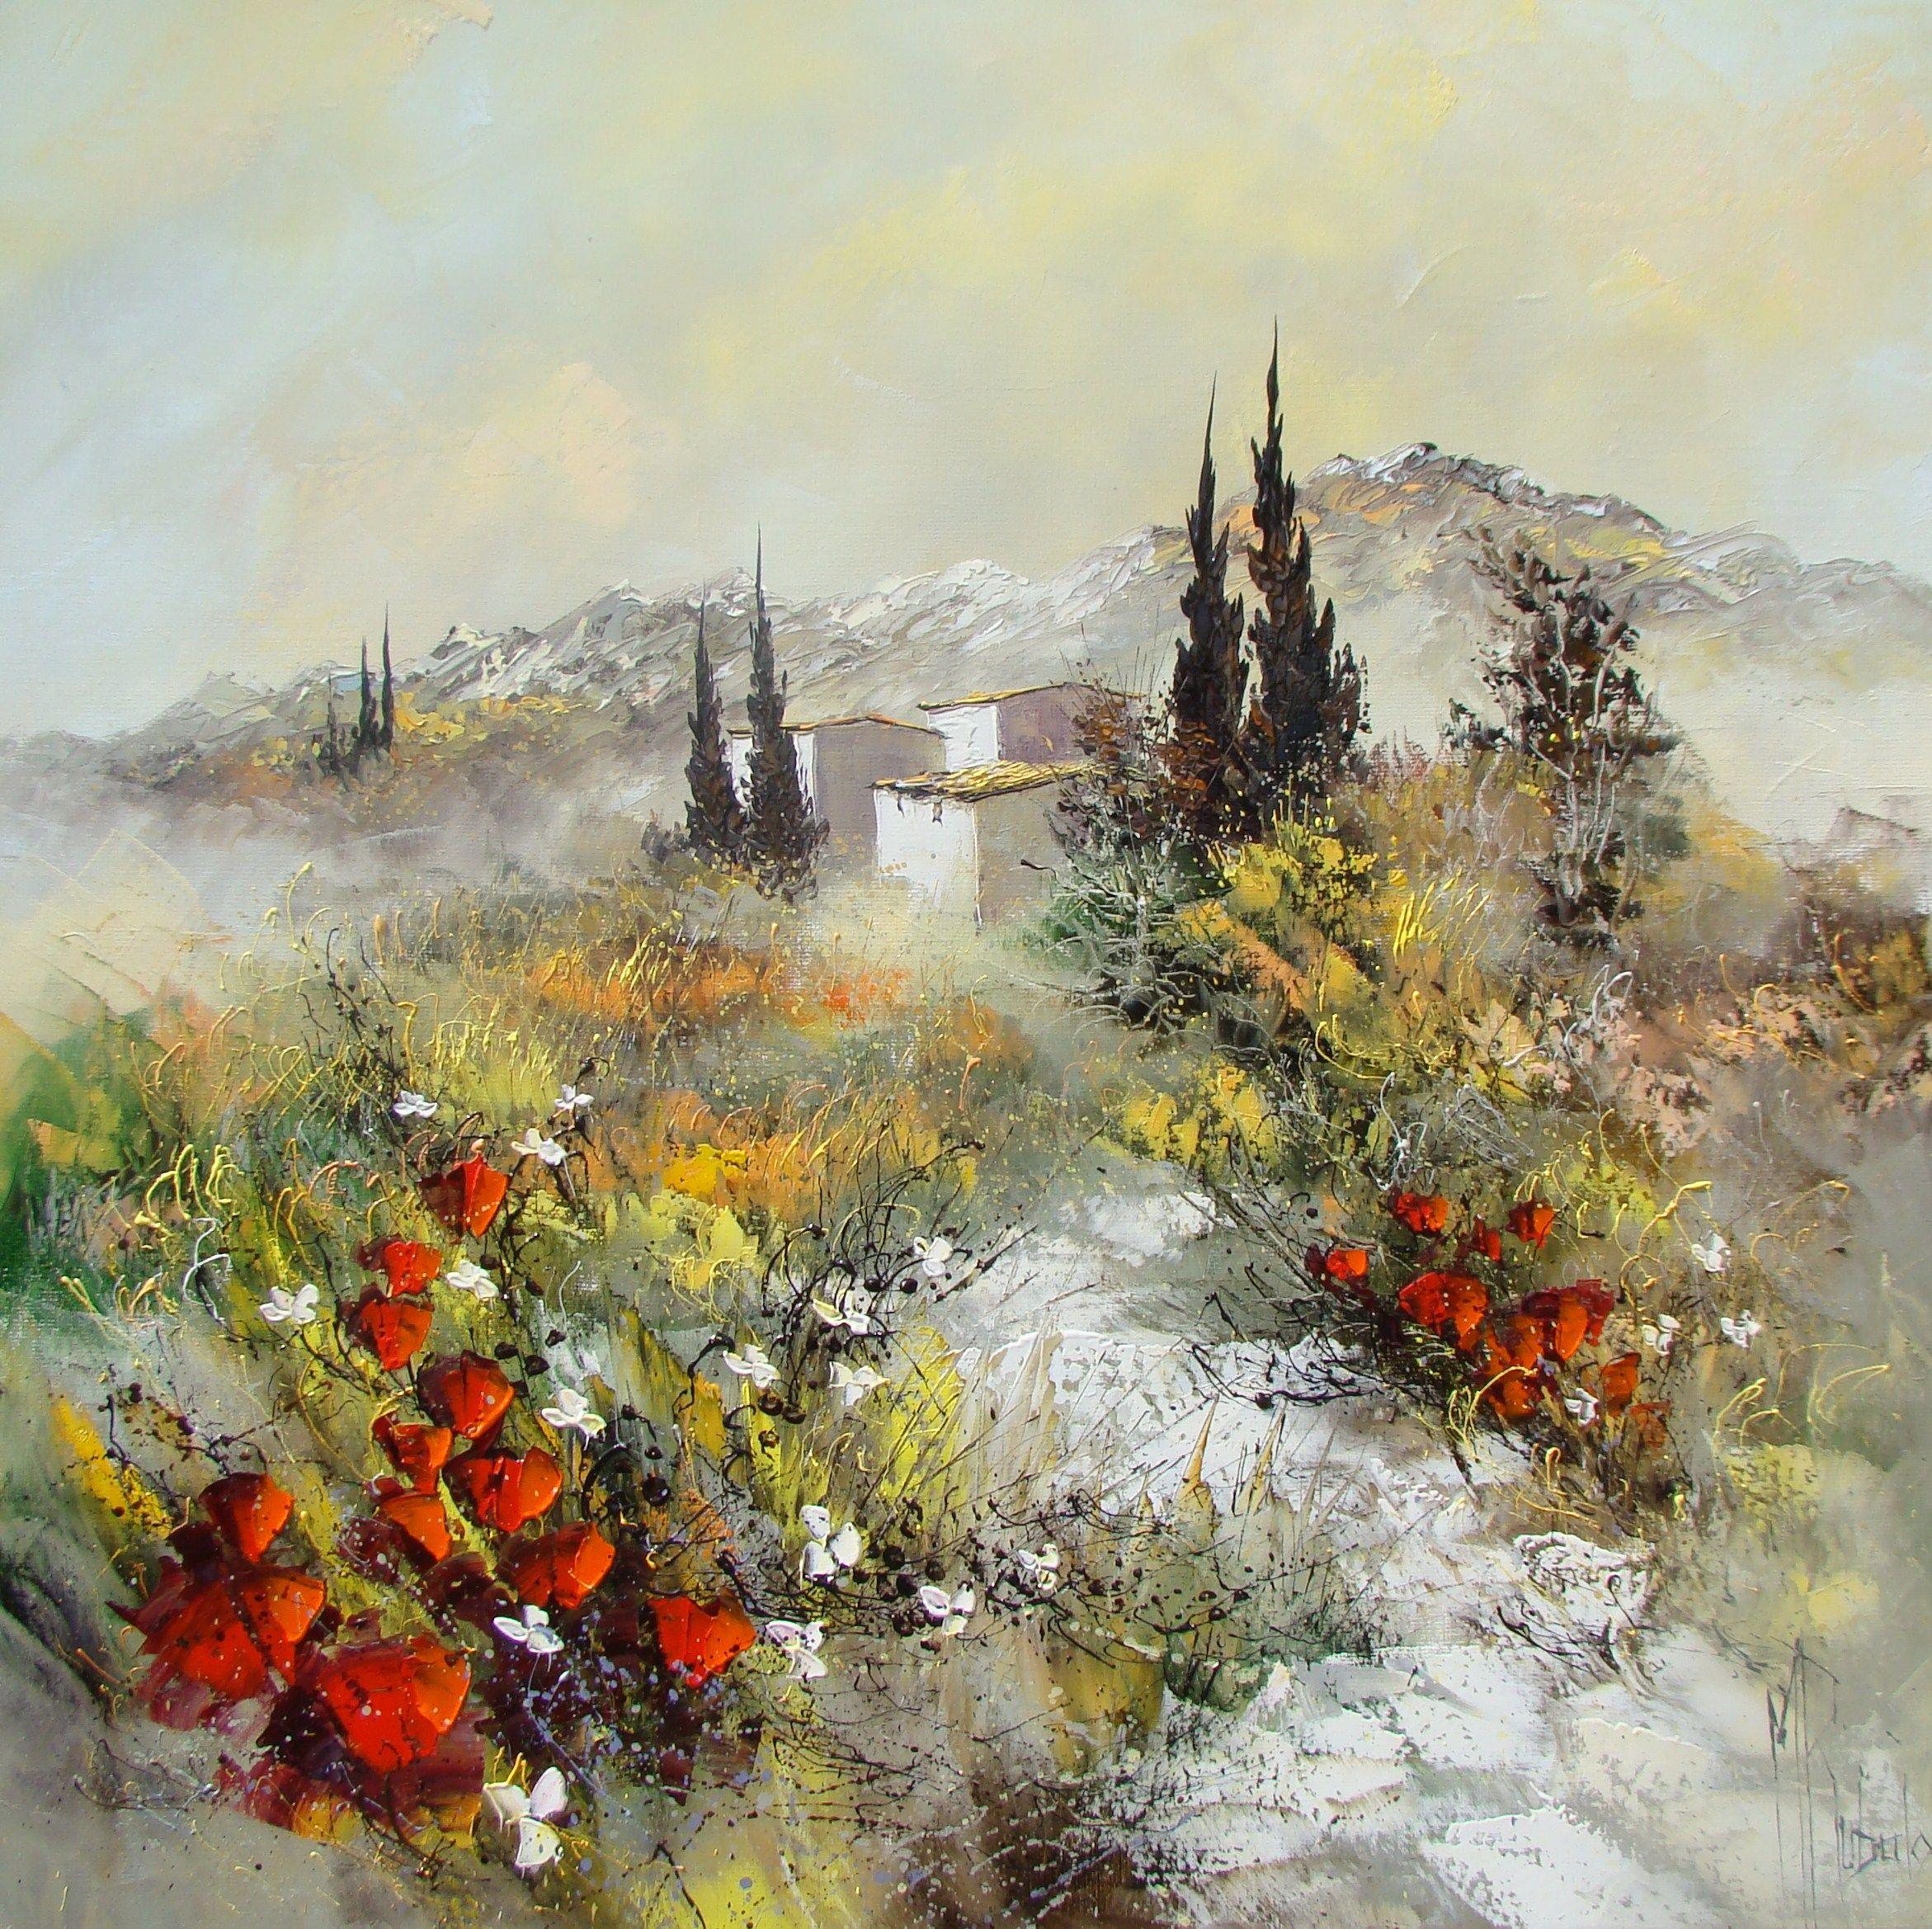 Peinture huile sur toile au couteau manuel rubalo - Peindre sur peinture acrylique ...